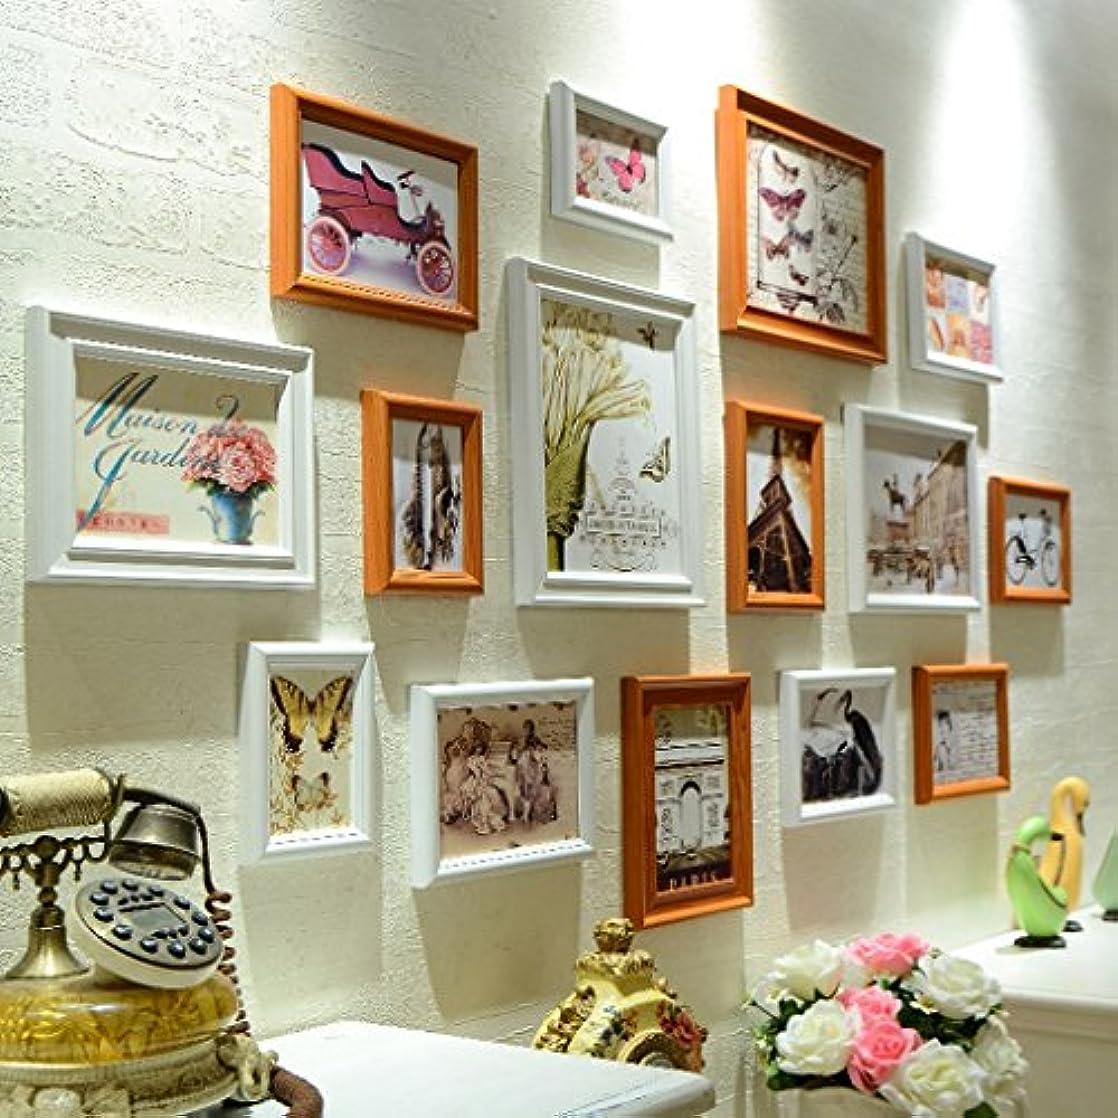 ひも恐れオプションCgynmo 写真の壁の組み合わせ振り子の結婚式の写真ヨーロッパのフレーム画像フレーム写真壁